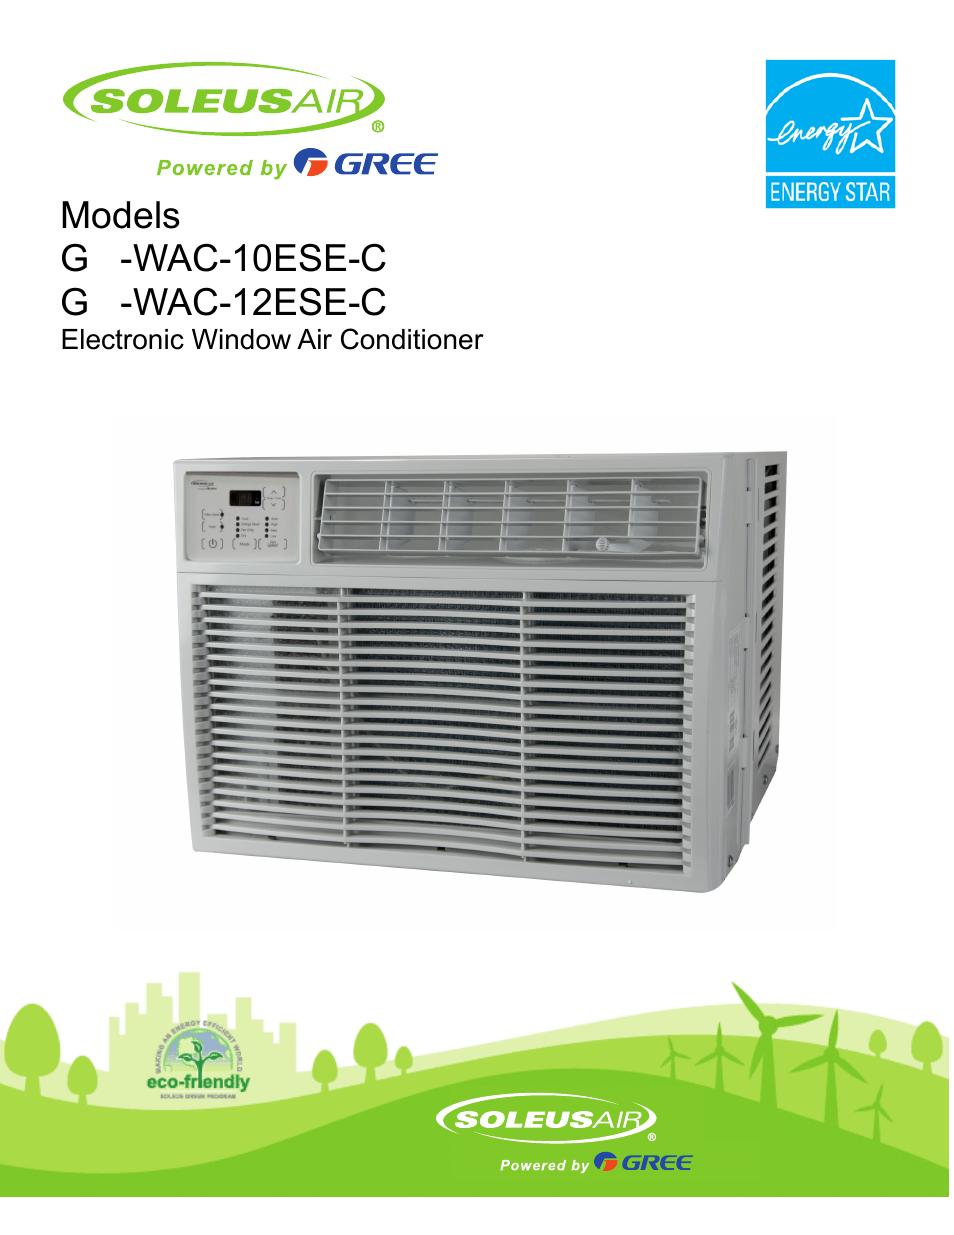 Soleus Air Electroni Window Air Conditioner GM-WAC-10ESE-C